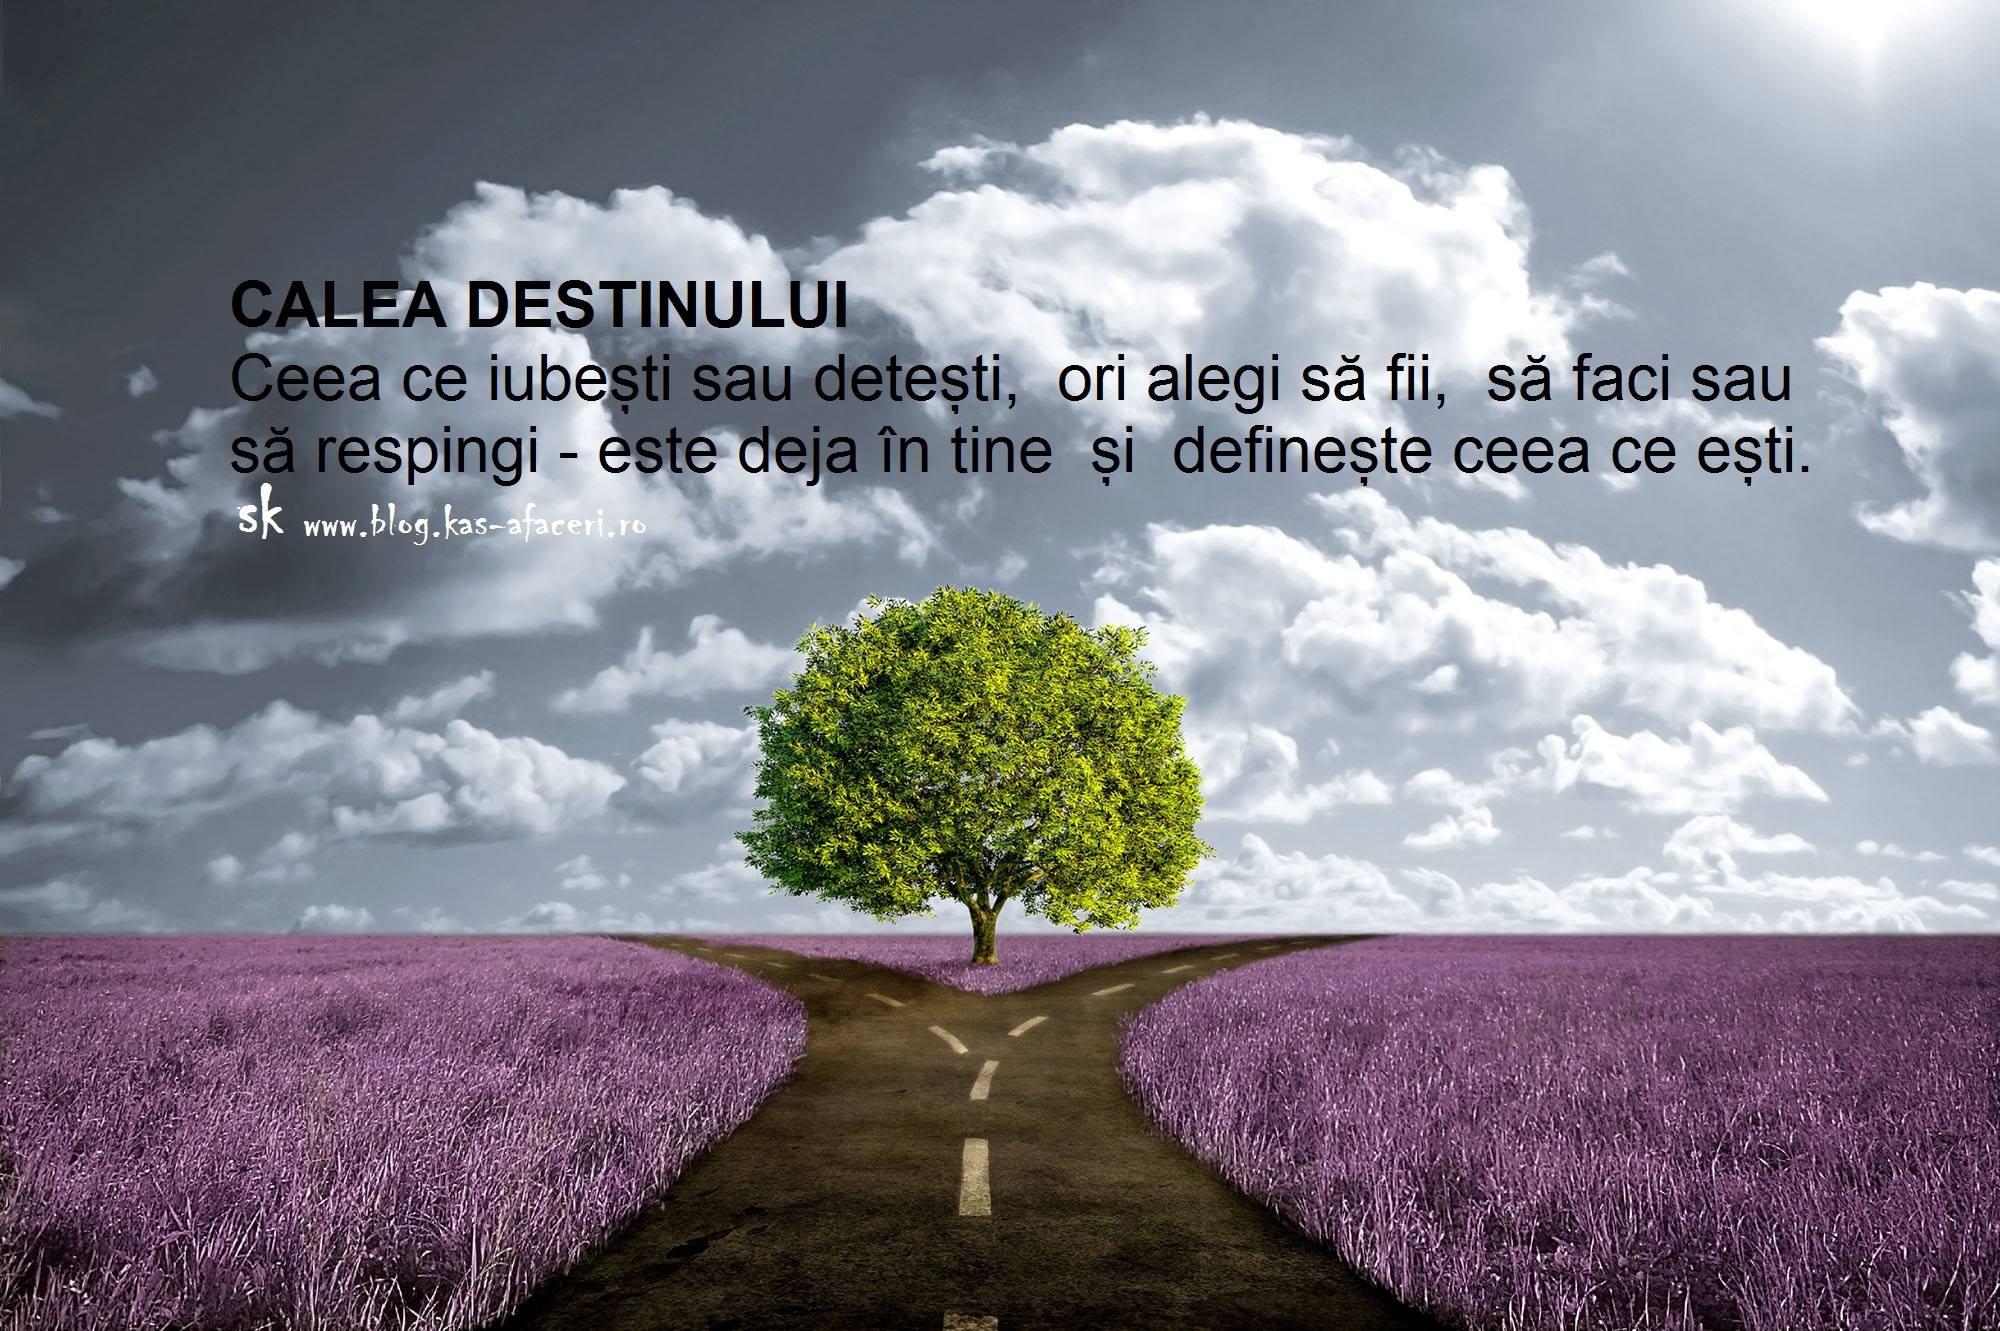 calea destinului